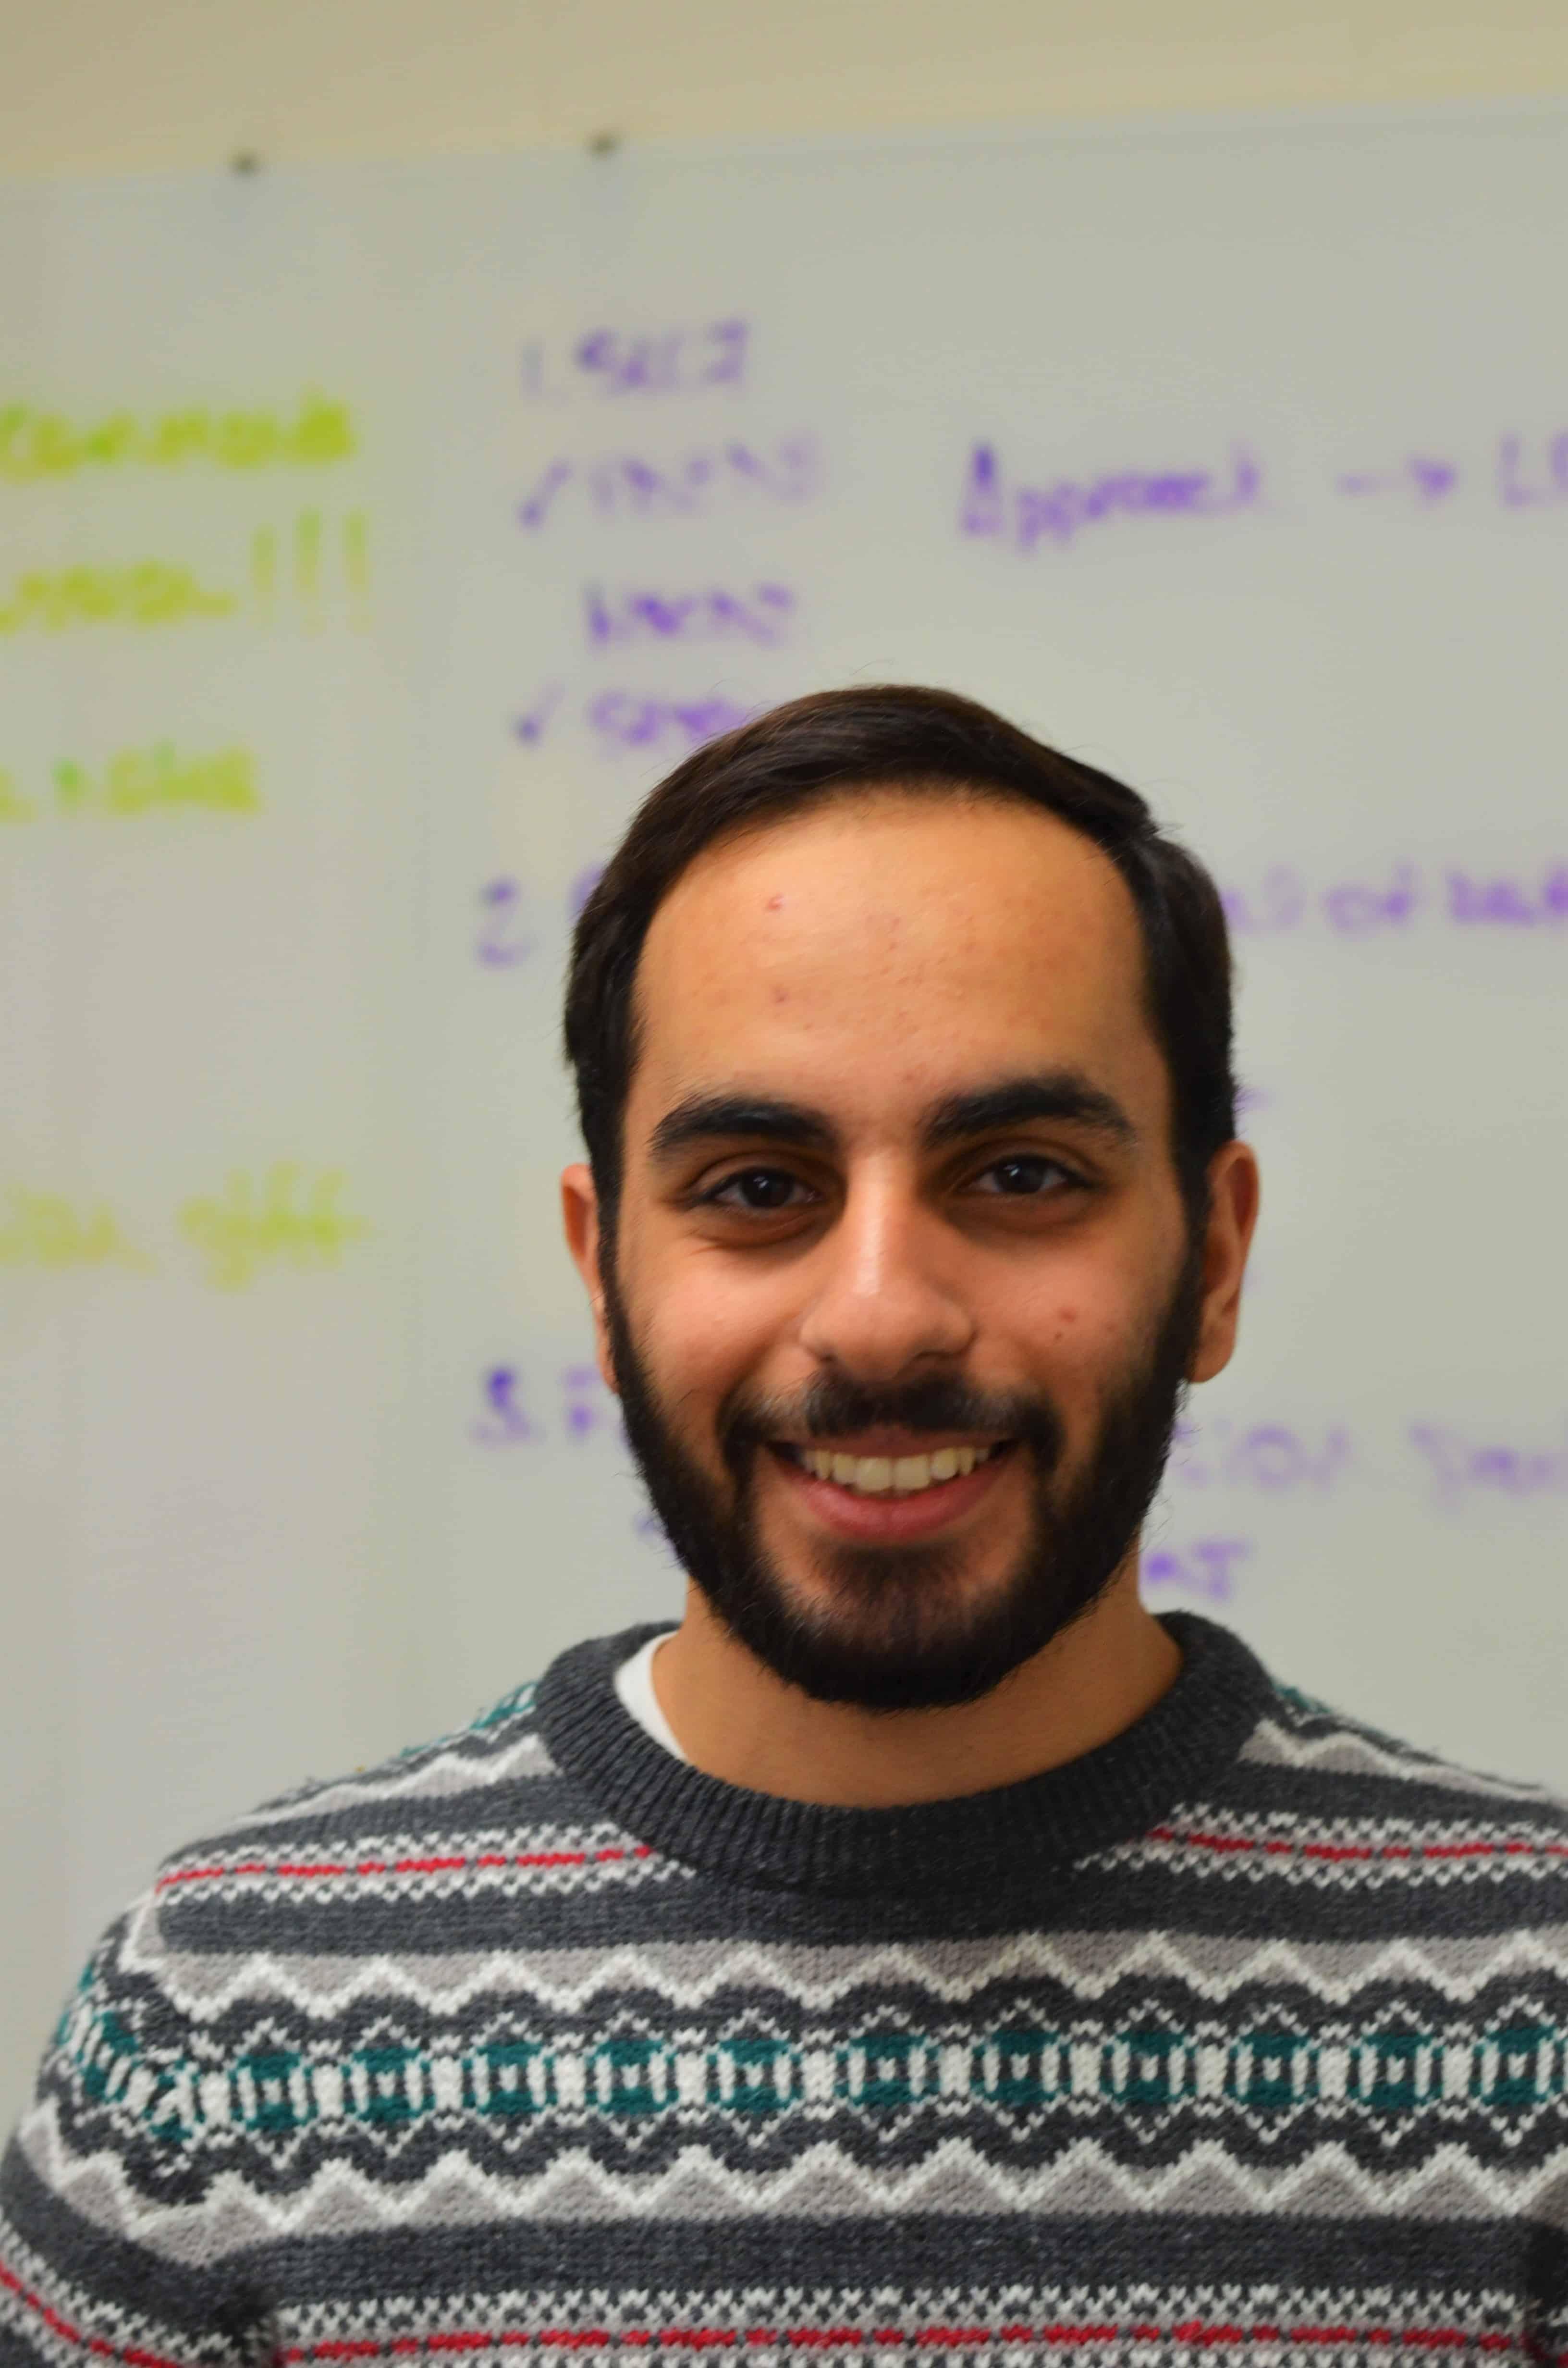 Karam Khateeb